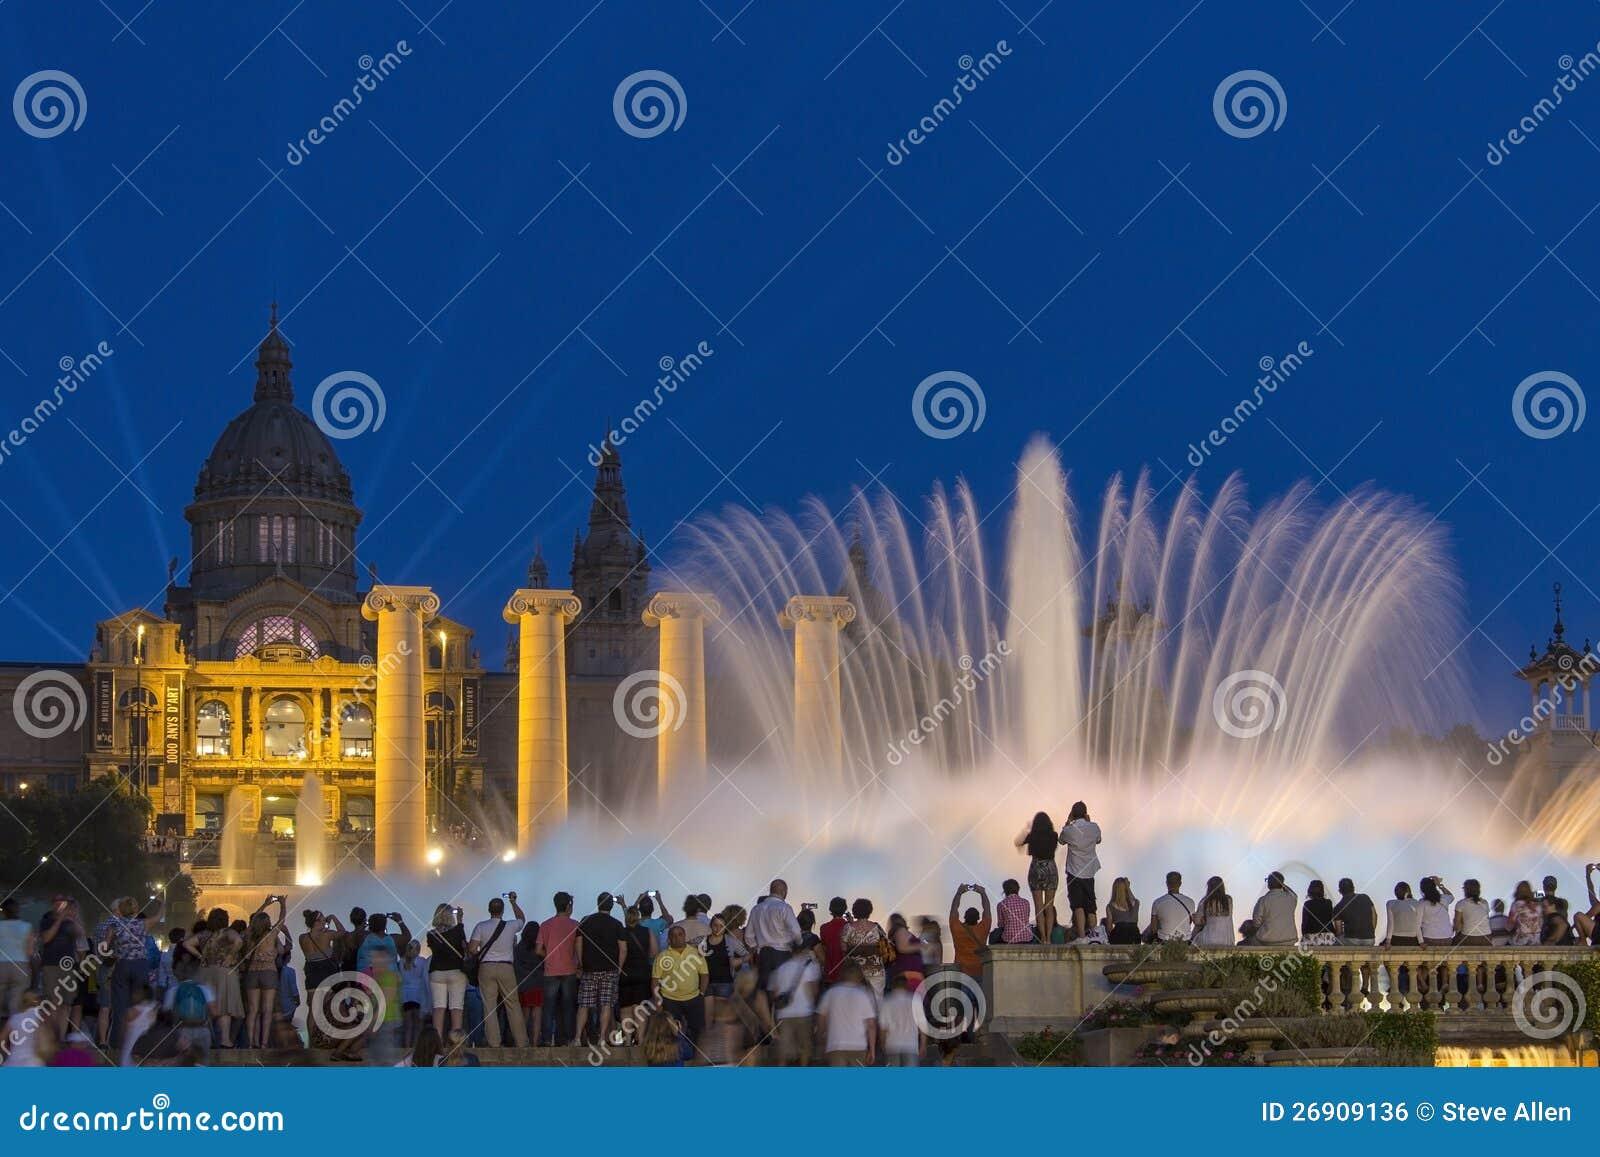 Fountains - Barcelona - Spain